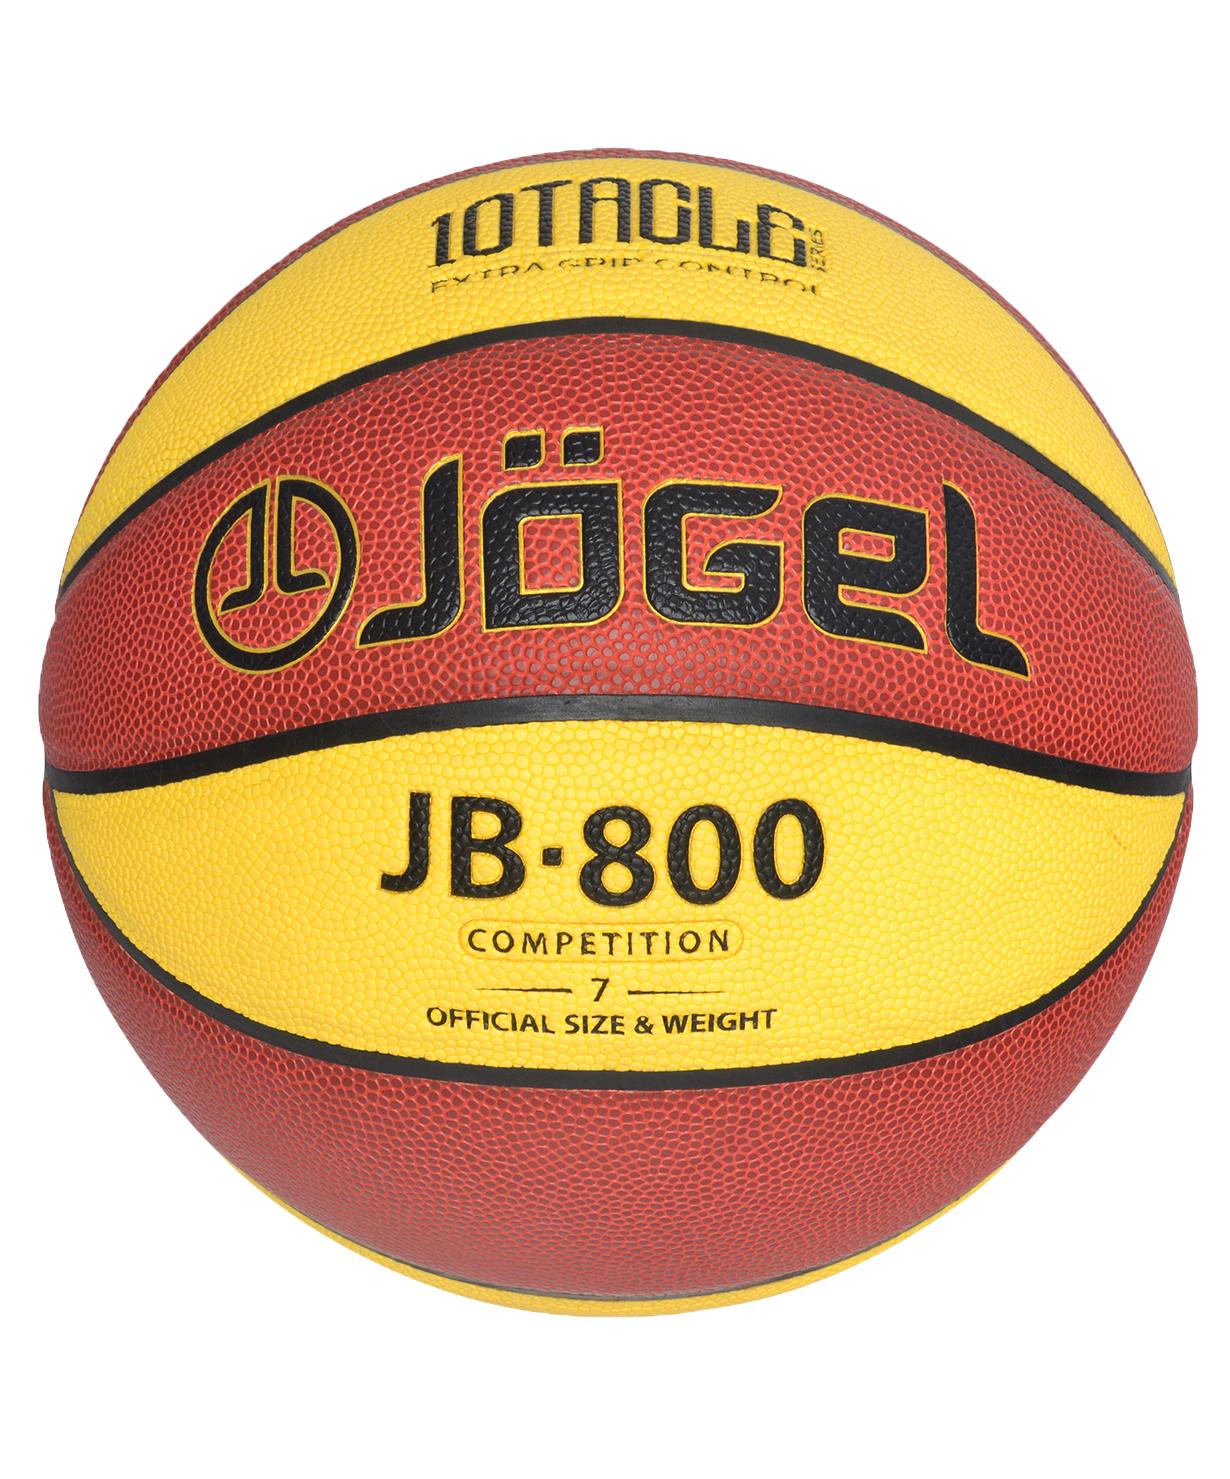 63ae414e Баскетбольные мячи. Сравните цены и купите по низкой цене в Армавире